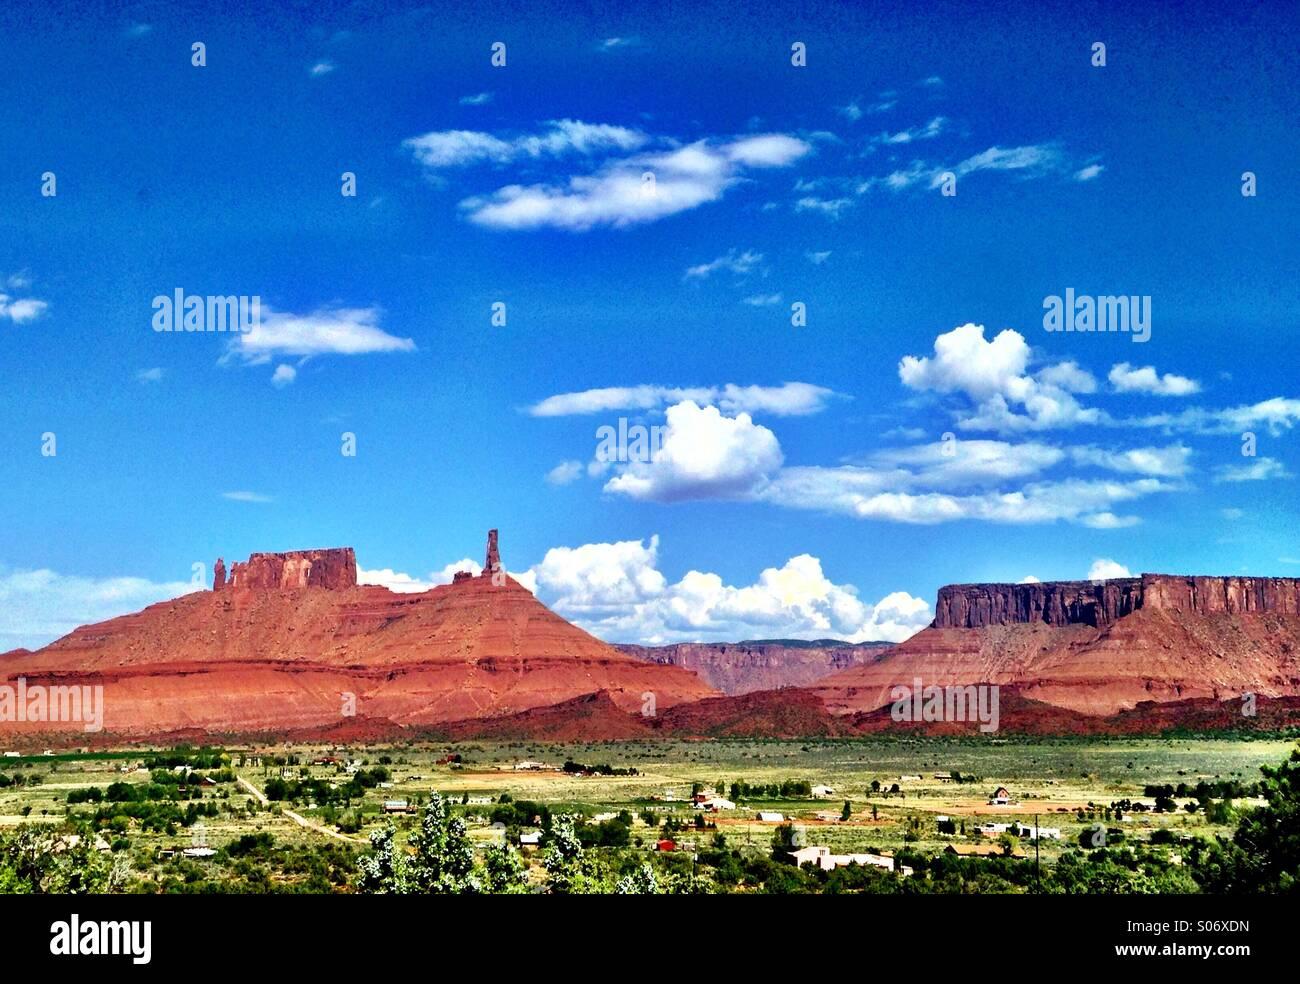 Ein riesiger blauer Himmel liegt über die Türme und Felsformationen der Castle Valley, Utah an einem Herbsttag. Stockbild